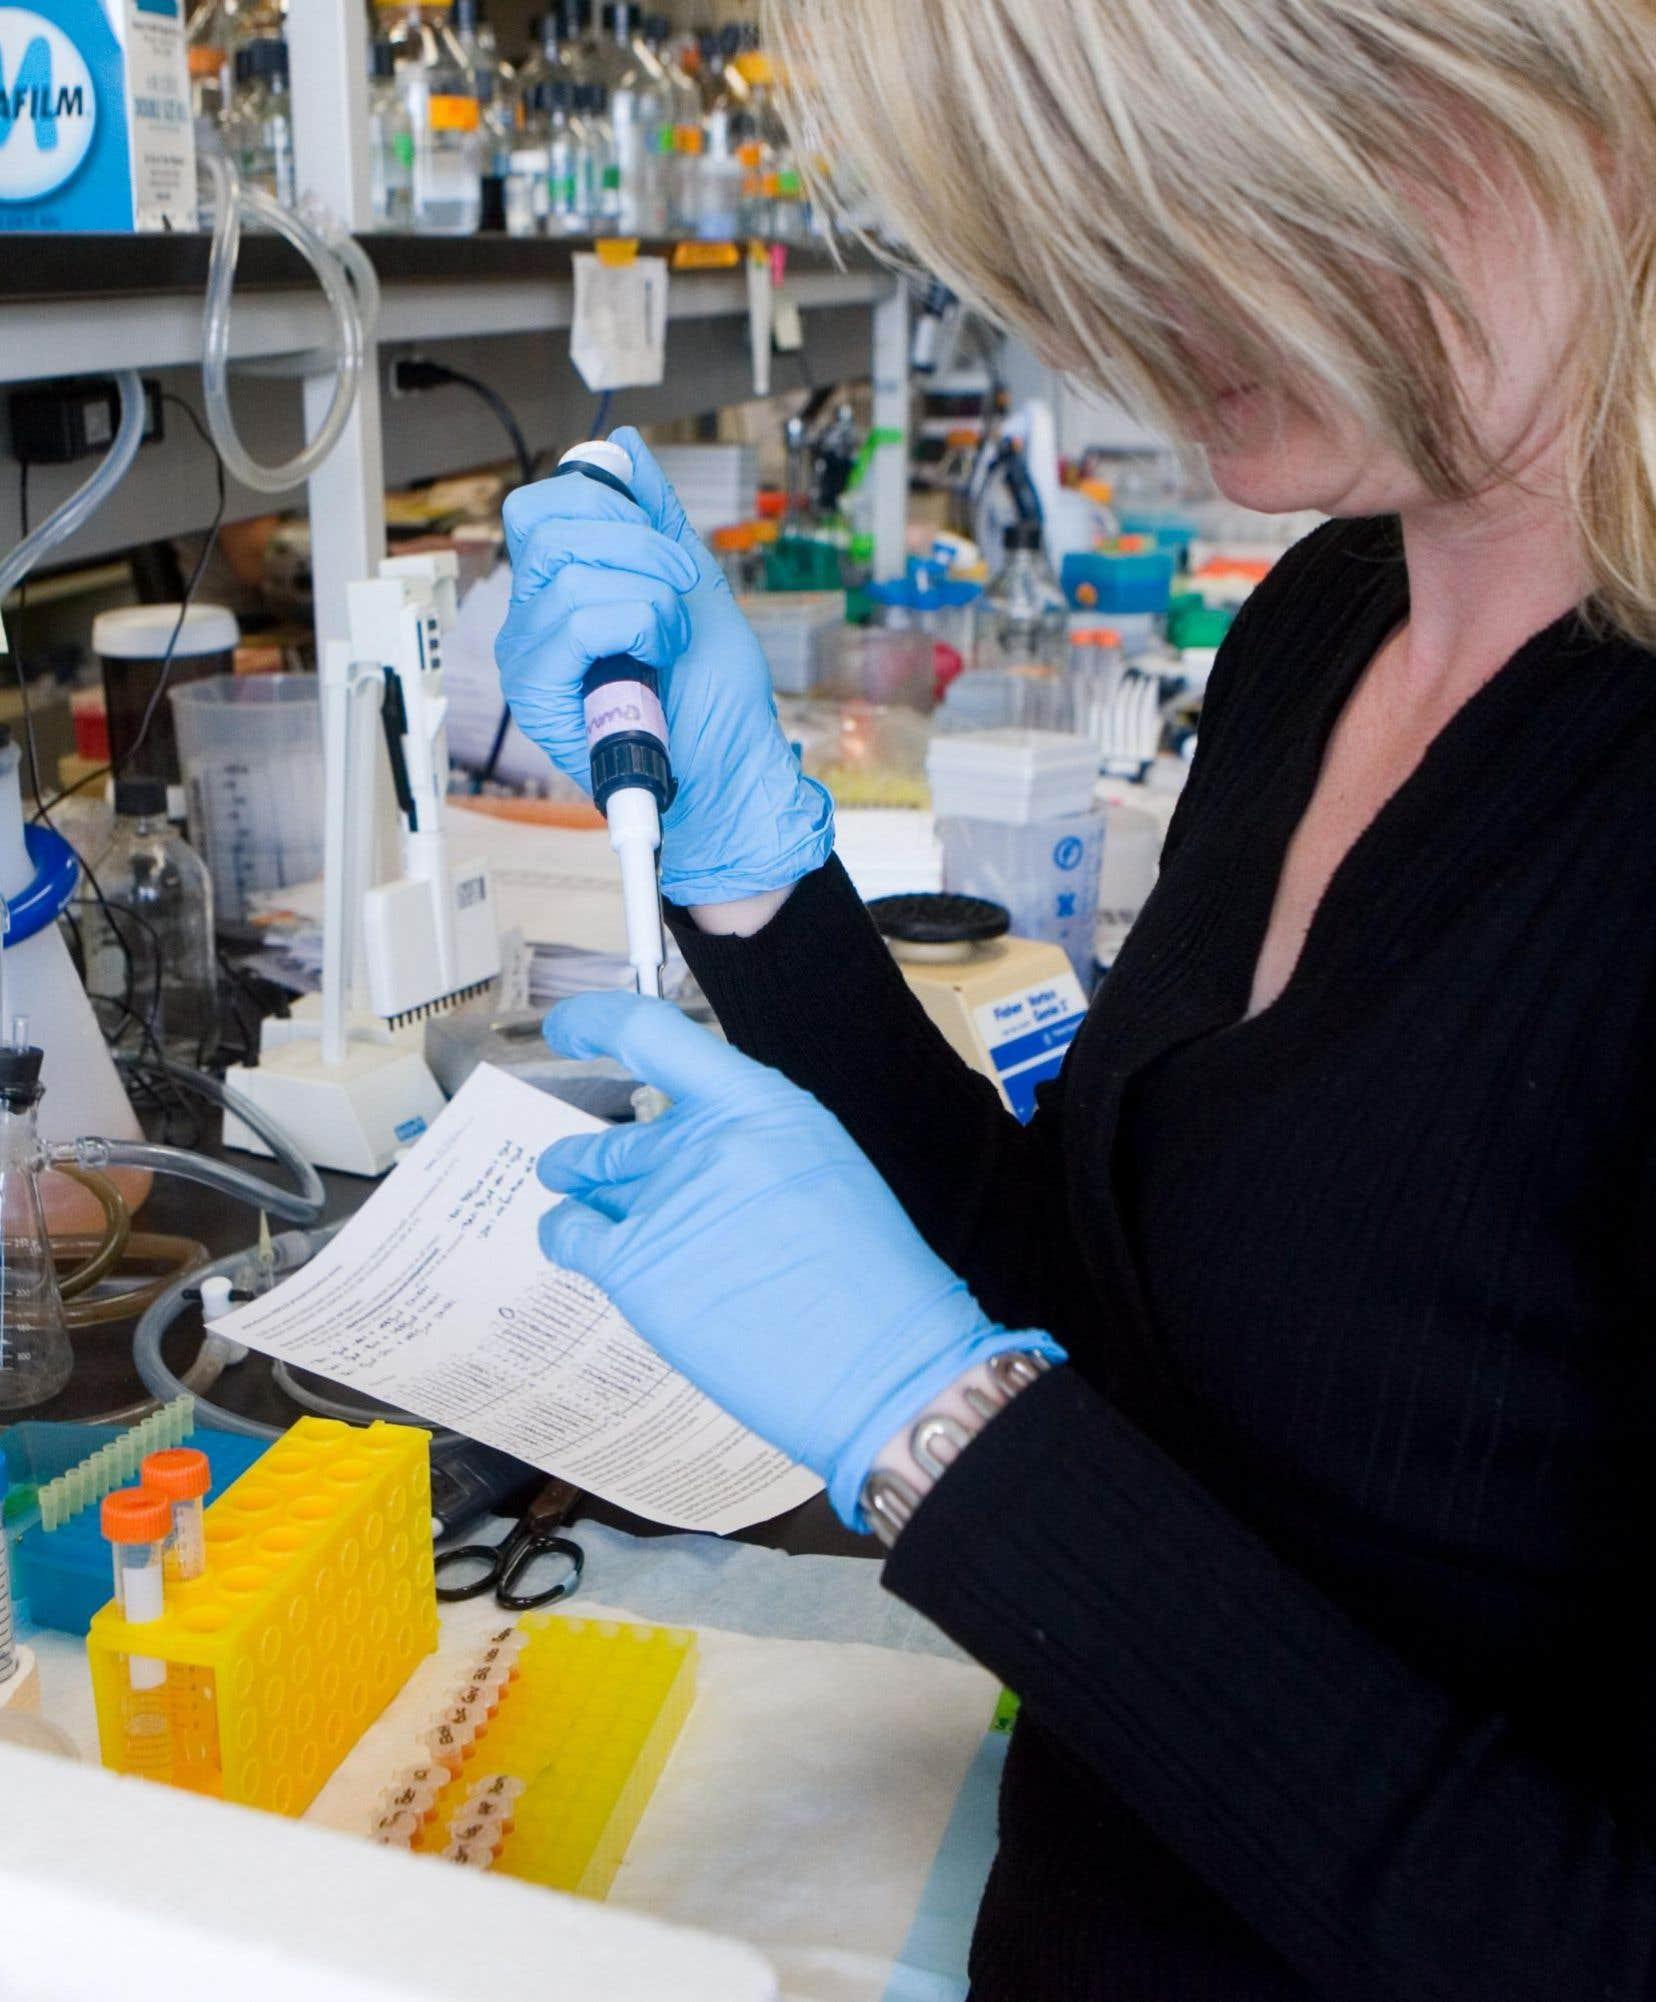 Le milieu de la recherche réclame que le Québec se dote rapidement d'une stratégie ou d'une politique de recherche et d'innovation «cohérente et intégrée».